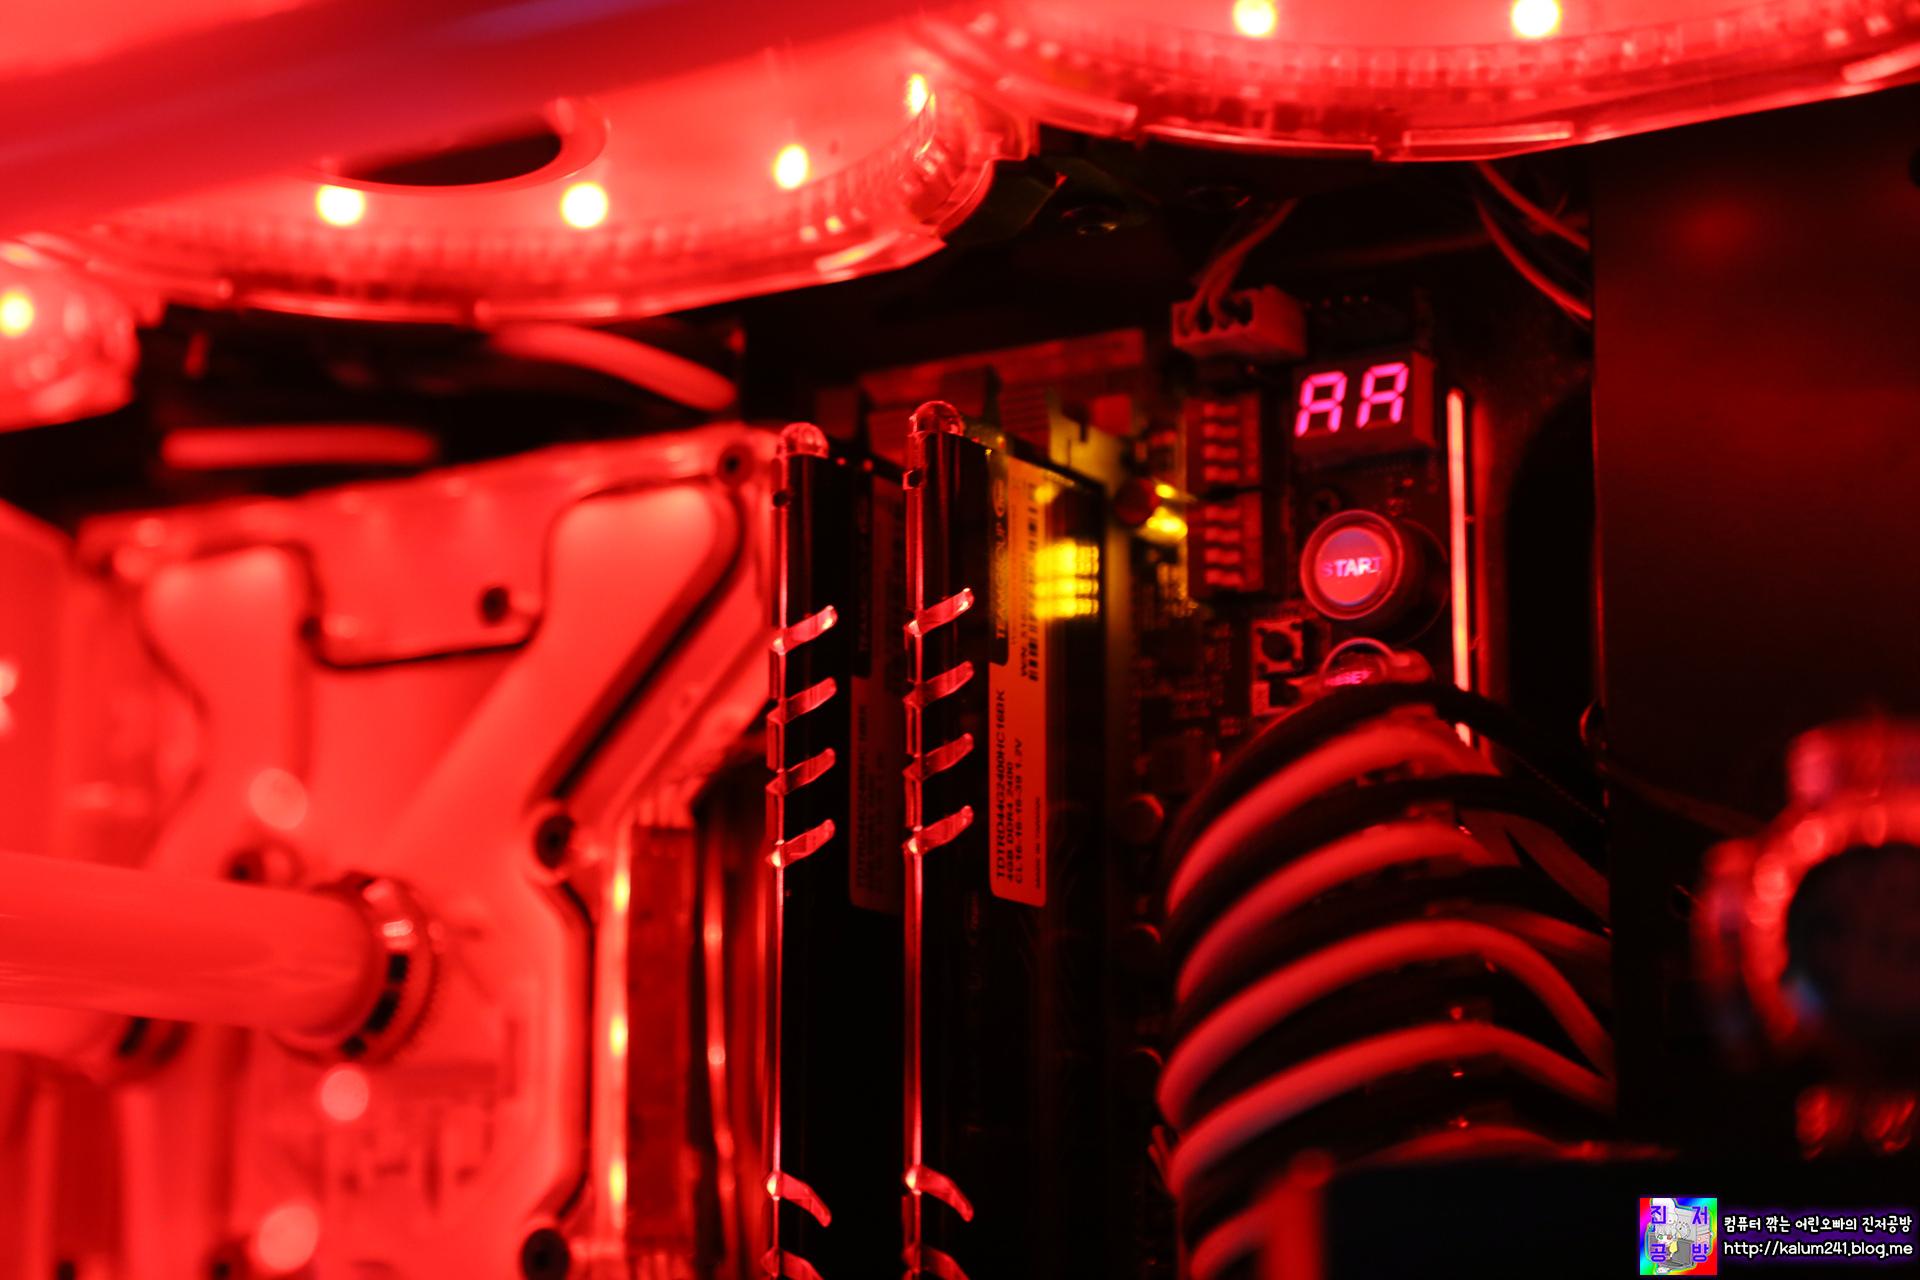 아벡시아의 영혼을 잇는 TeamGroup 의 Delta LED 메모리!